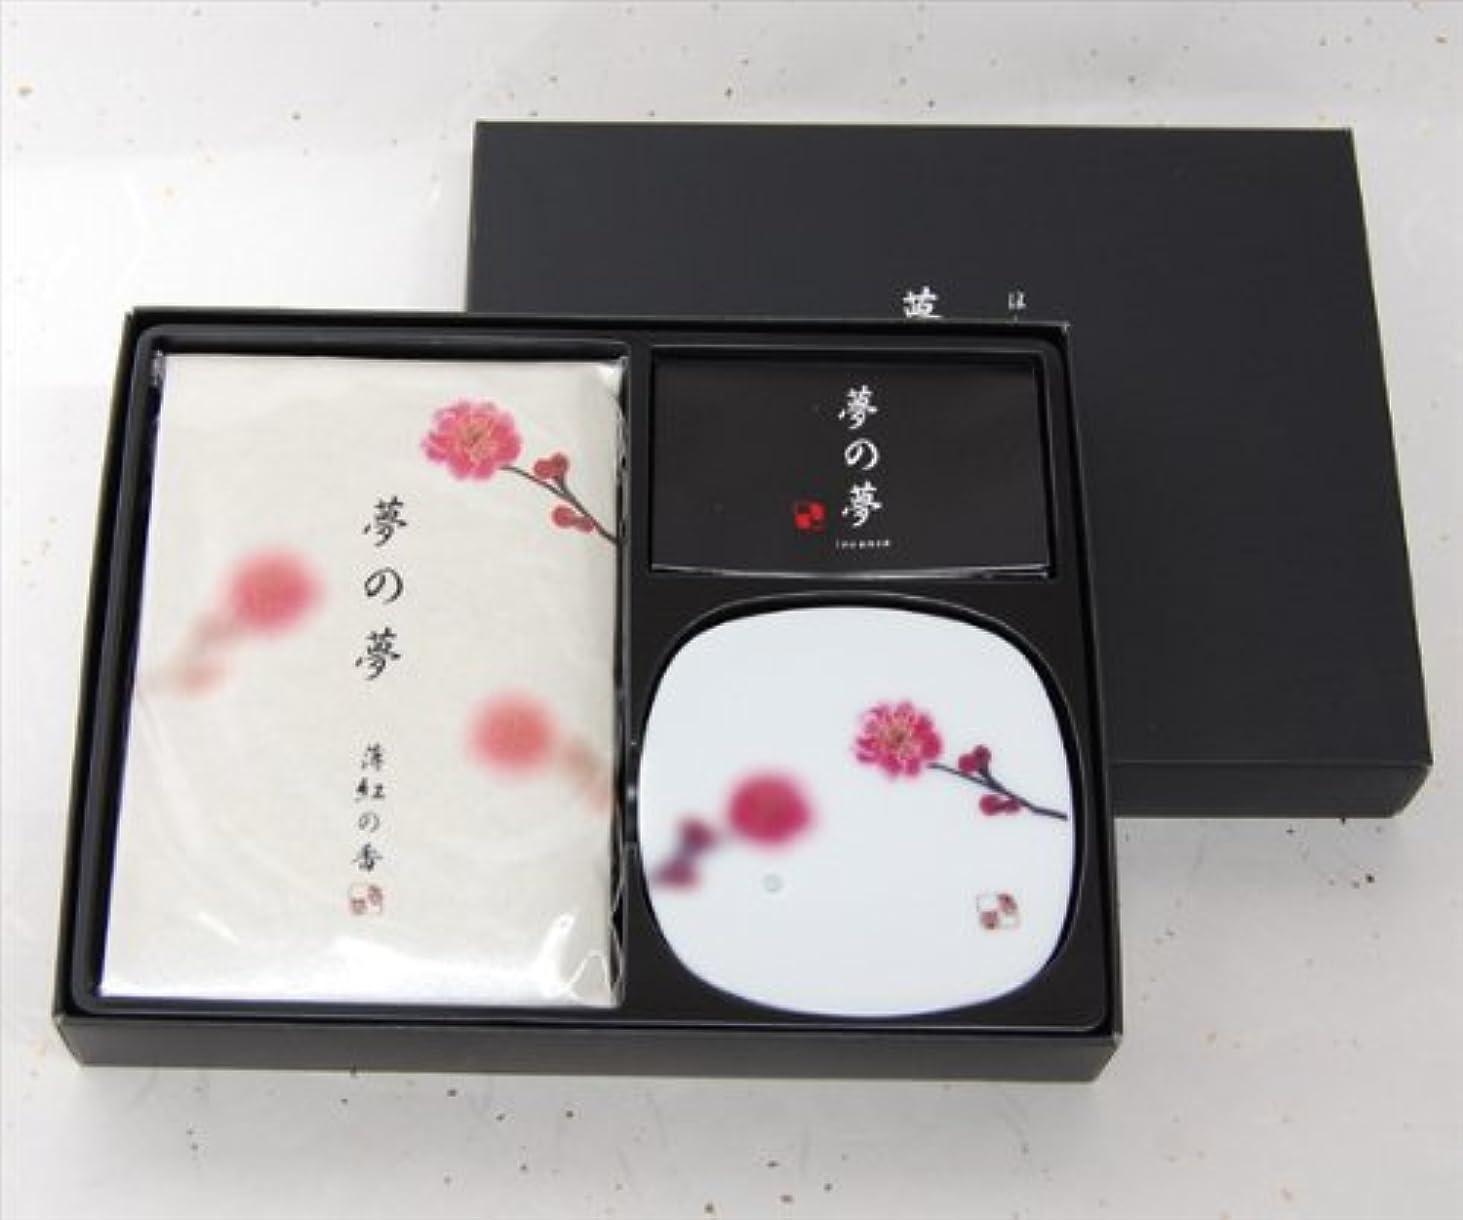 モンク人工的なアクセサリー日本香堂のお香ギフト 薄紅の香 【お香+香皿】